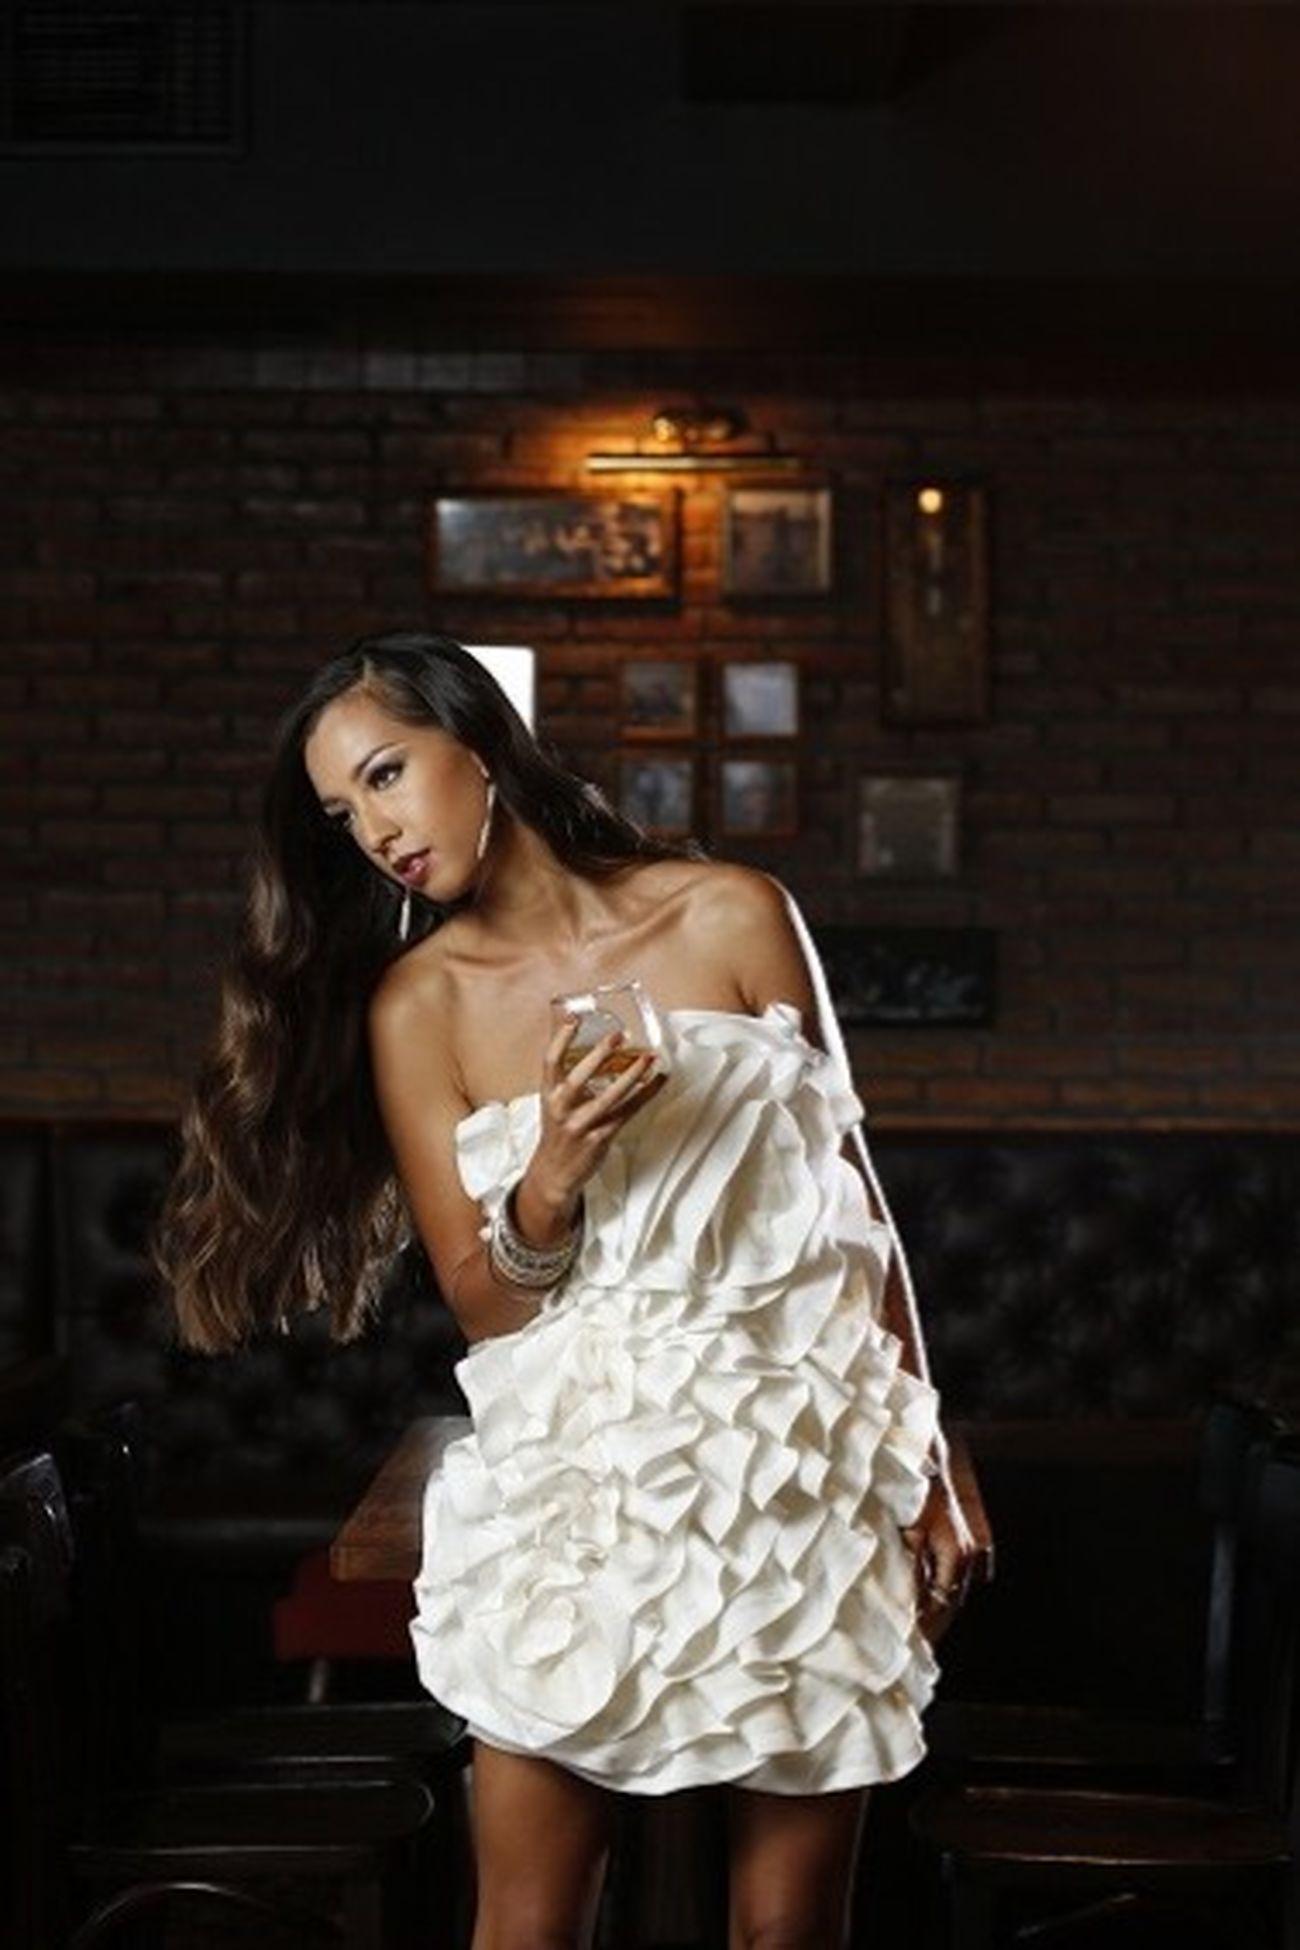 Fashion Fashionstylist Dpbgtportfolio Frvbali Whitetheme